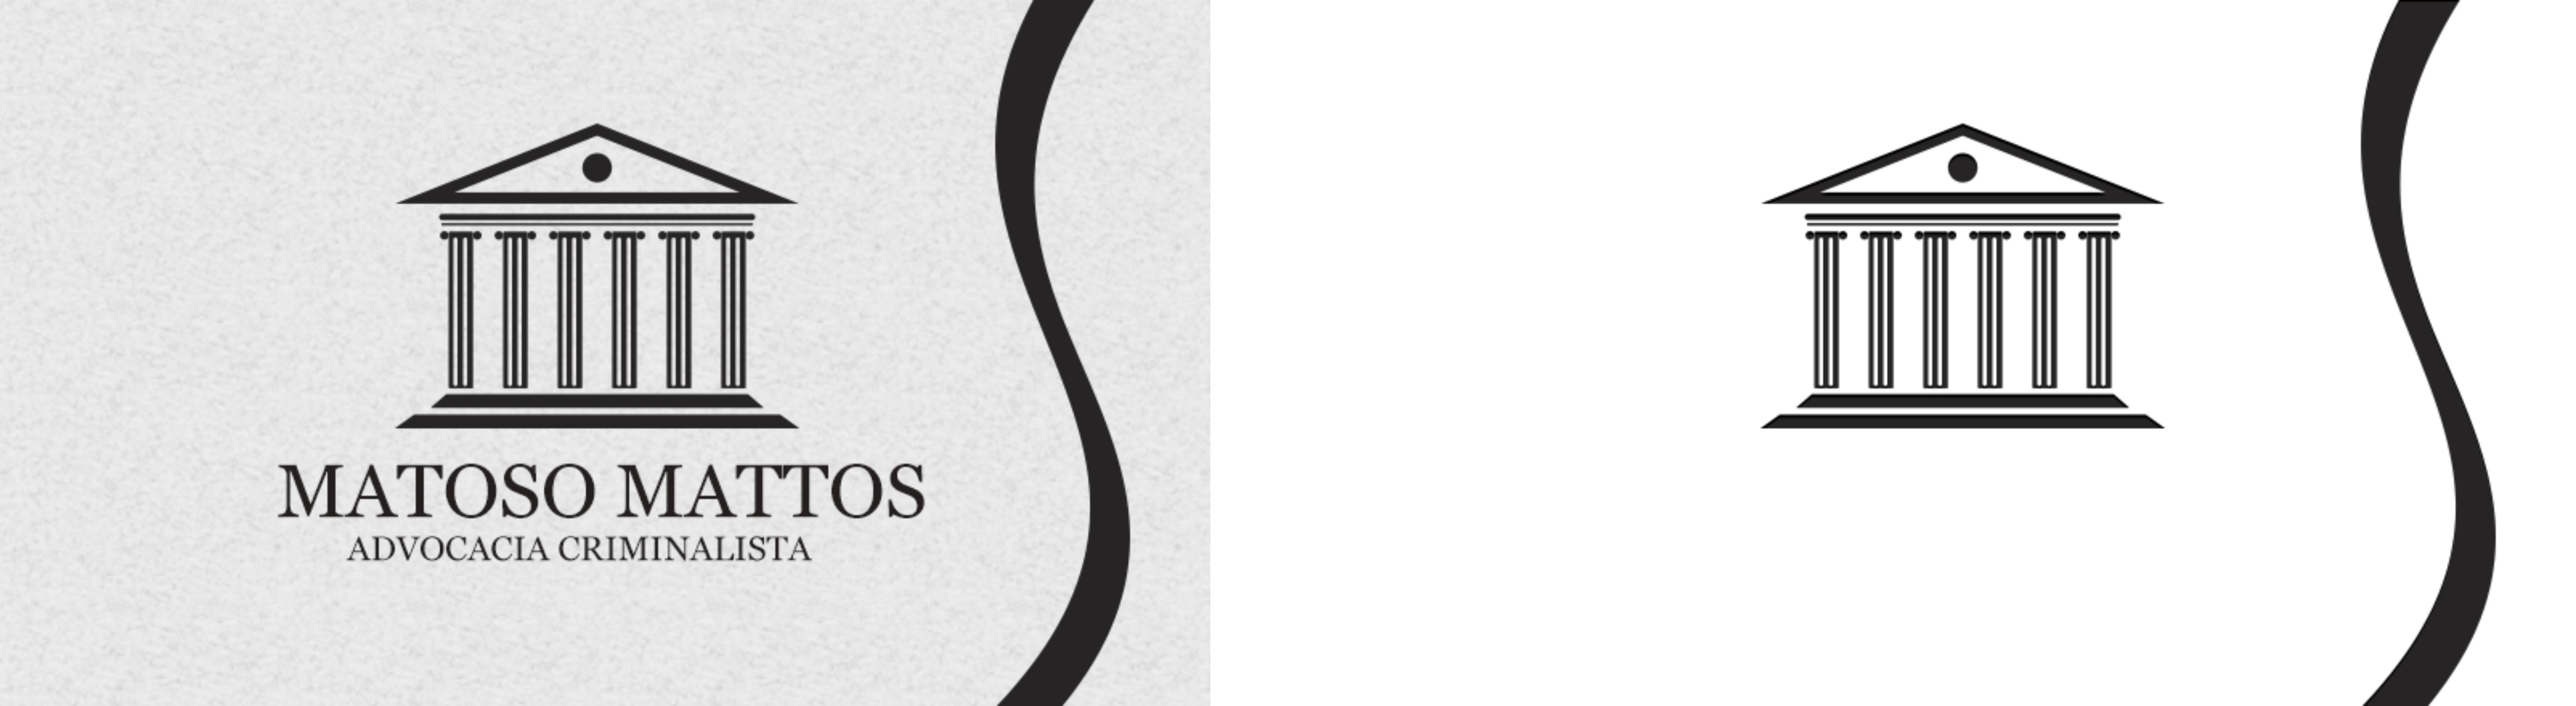 fundo 2